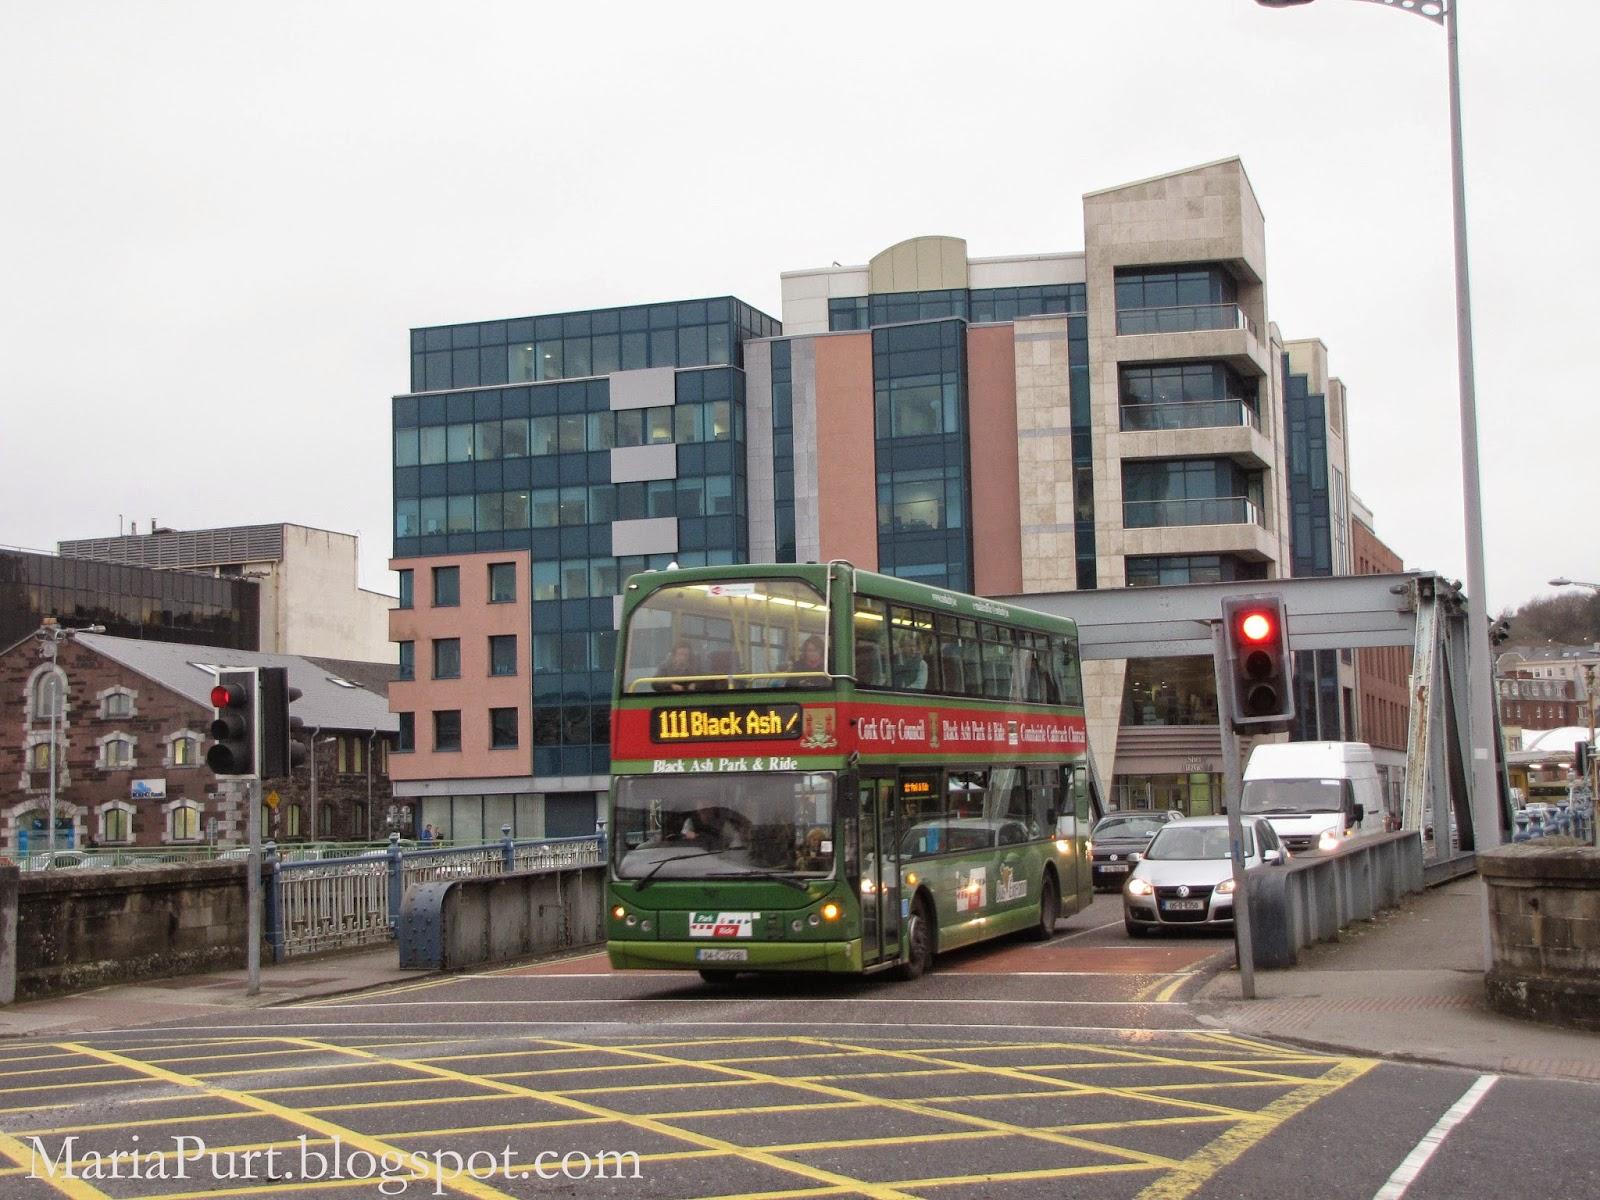 Двухэтажный автобус в Корке, Ирландия